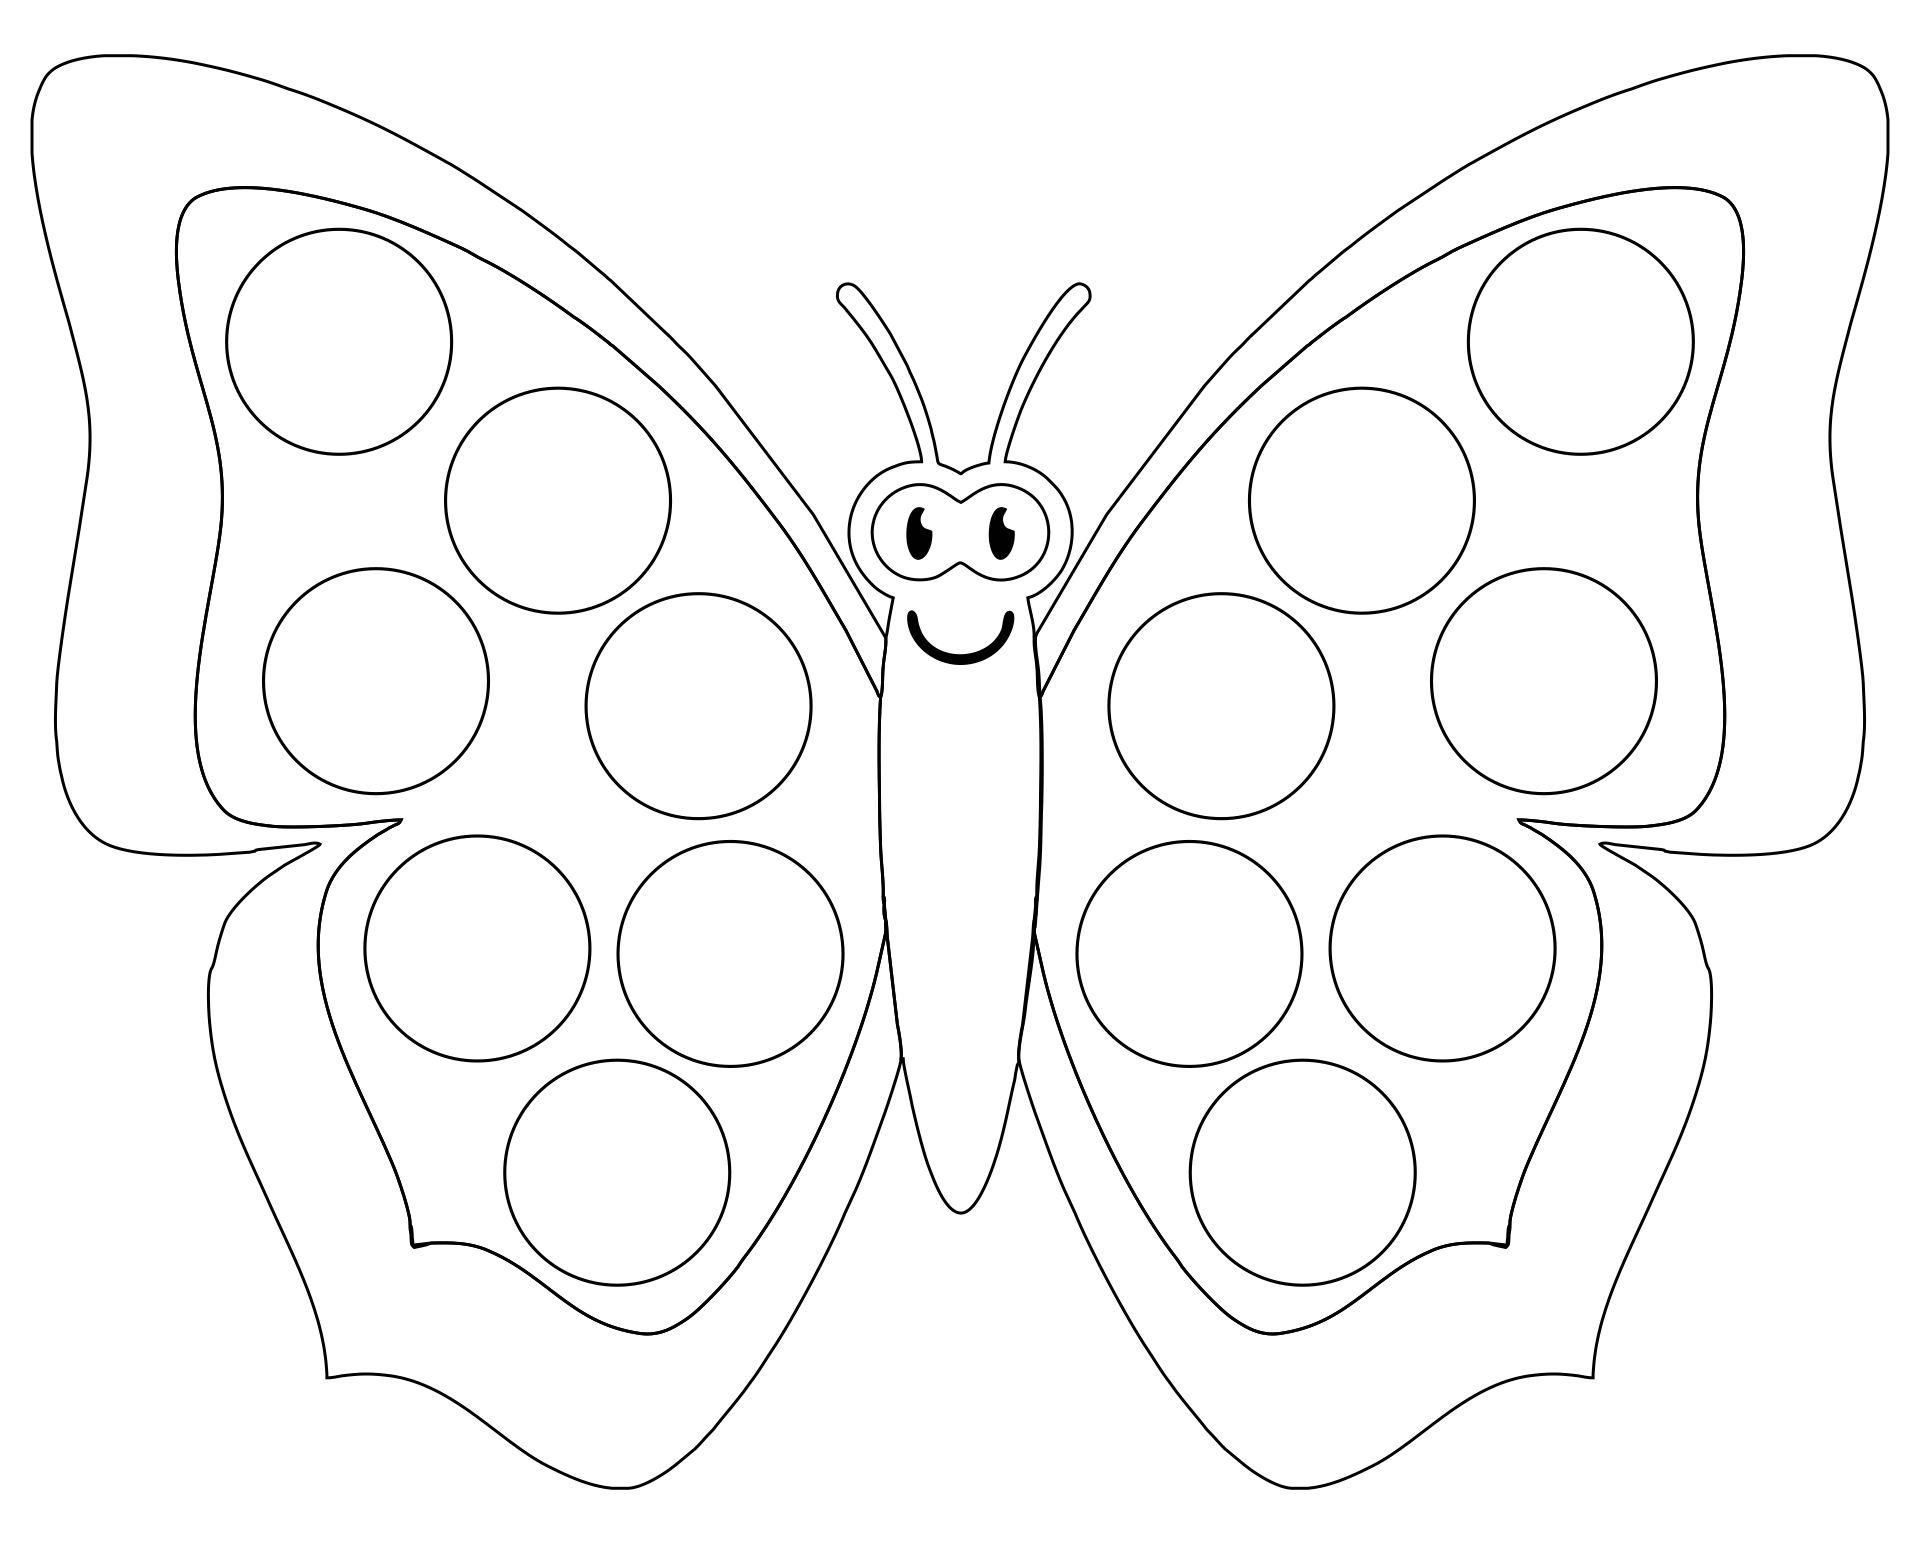 Preschool Dot Art Butterflies